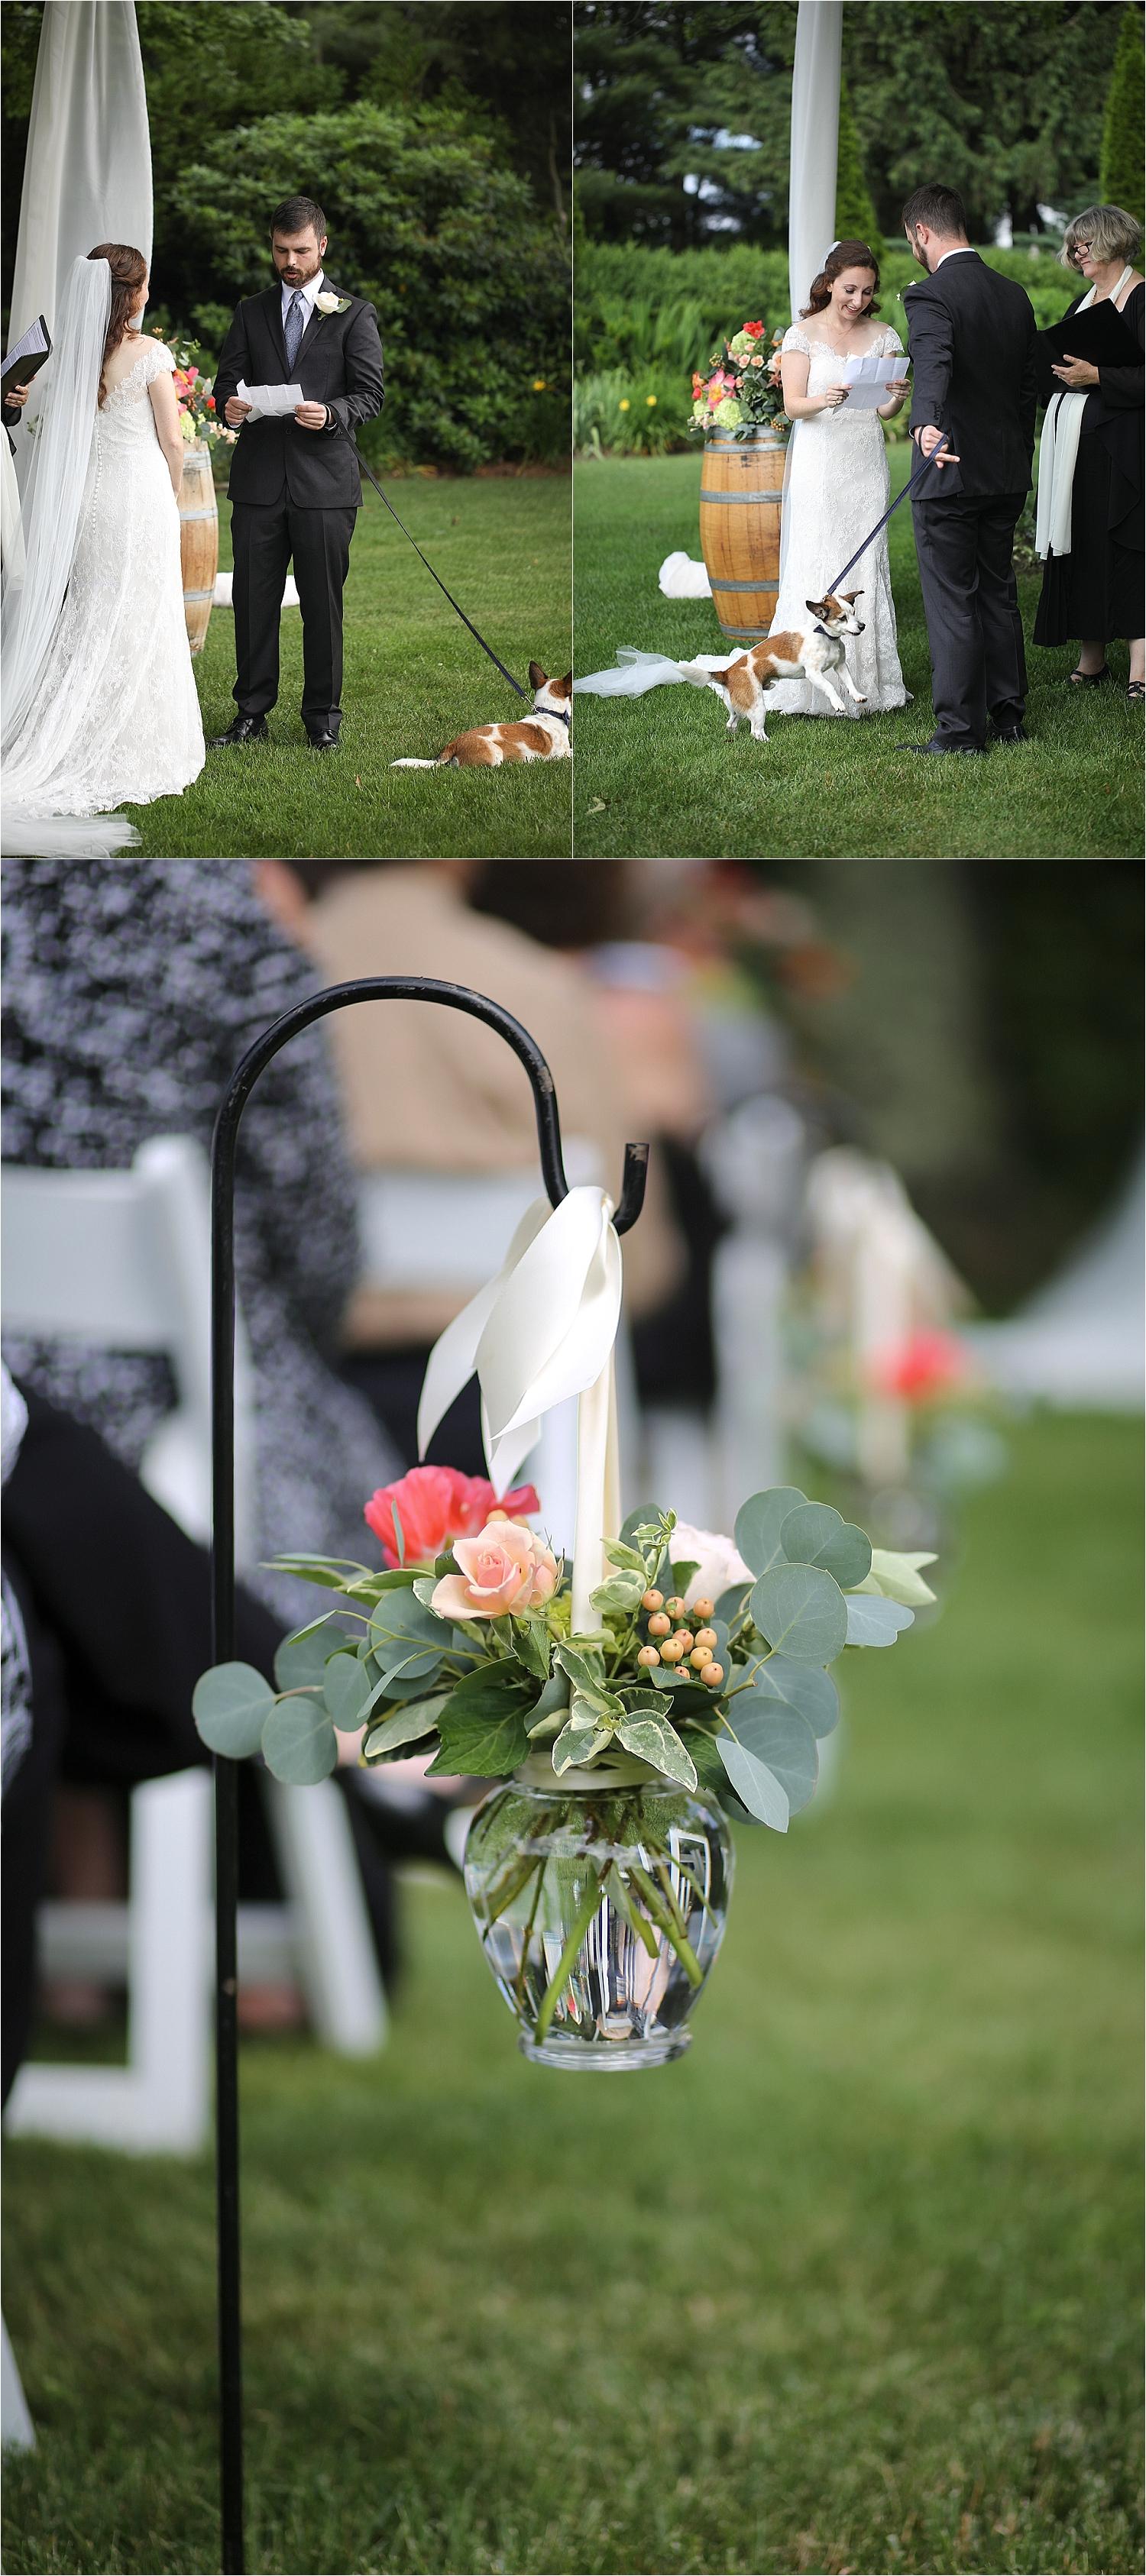 Chateau-Morrisette-Winery-Vineyard-Virginia-Wedding-Photos-_0012.jpg